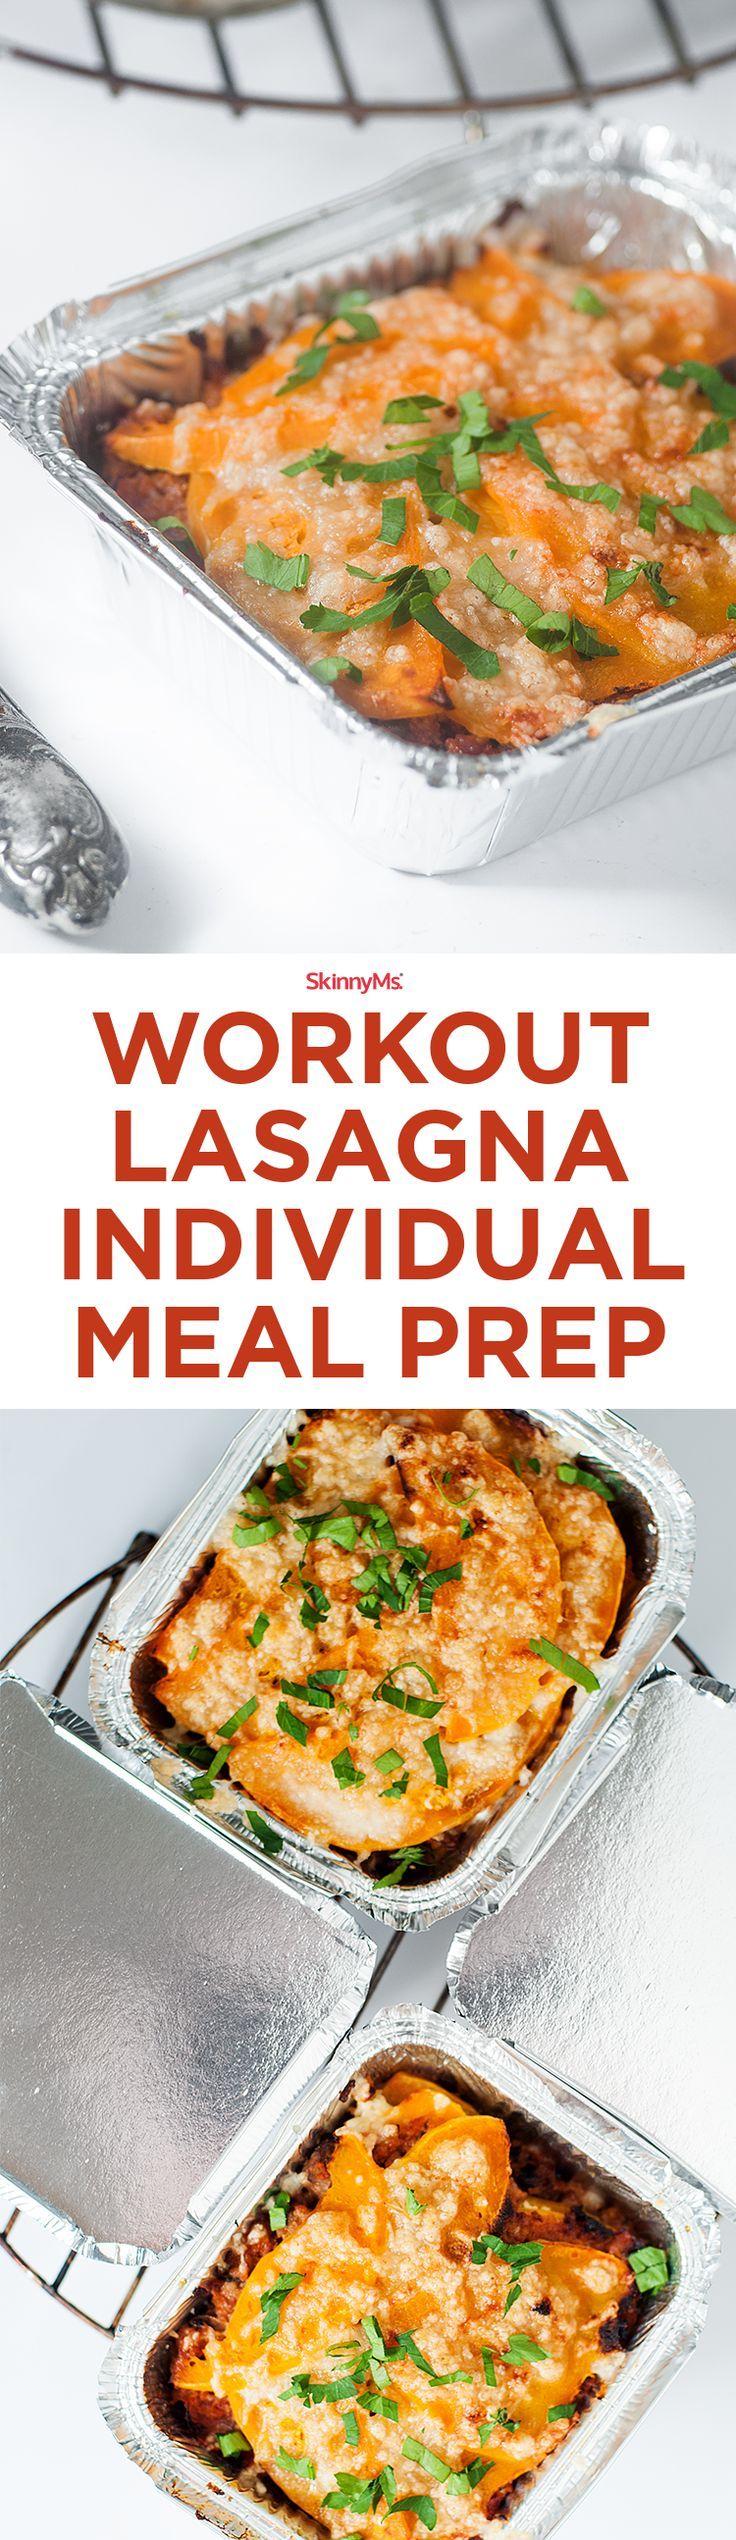 Workout Lasagna Individual Meal Prep